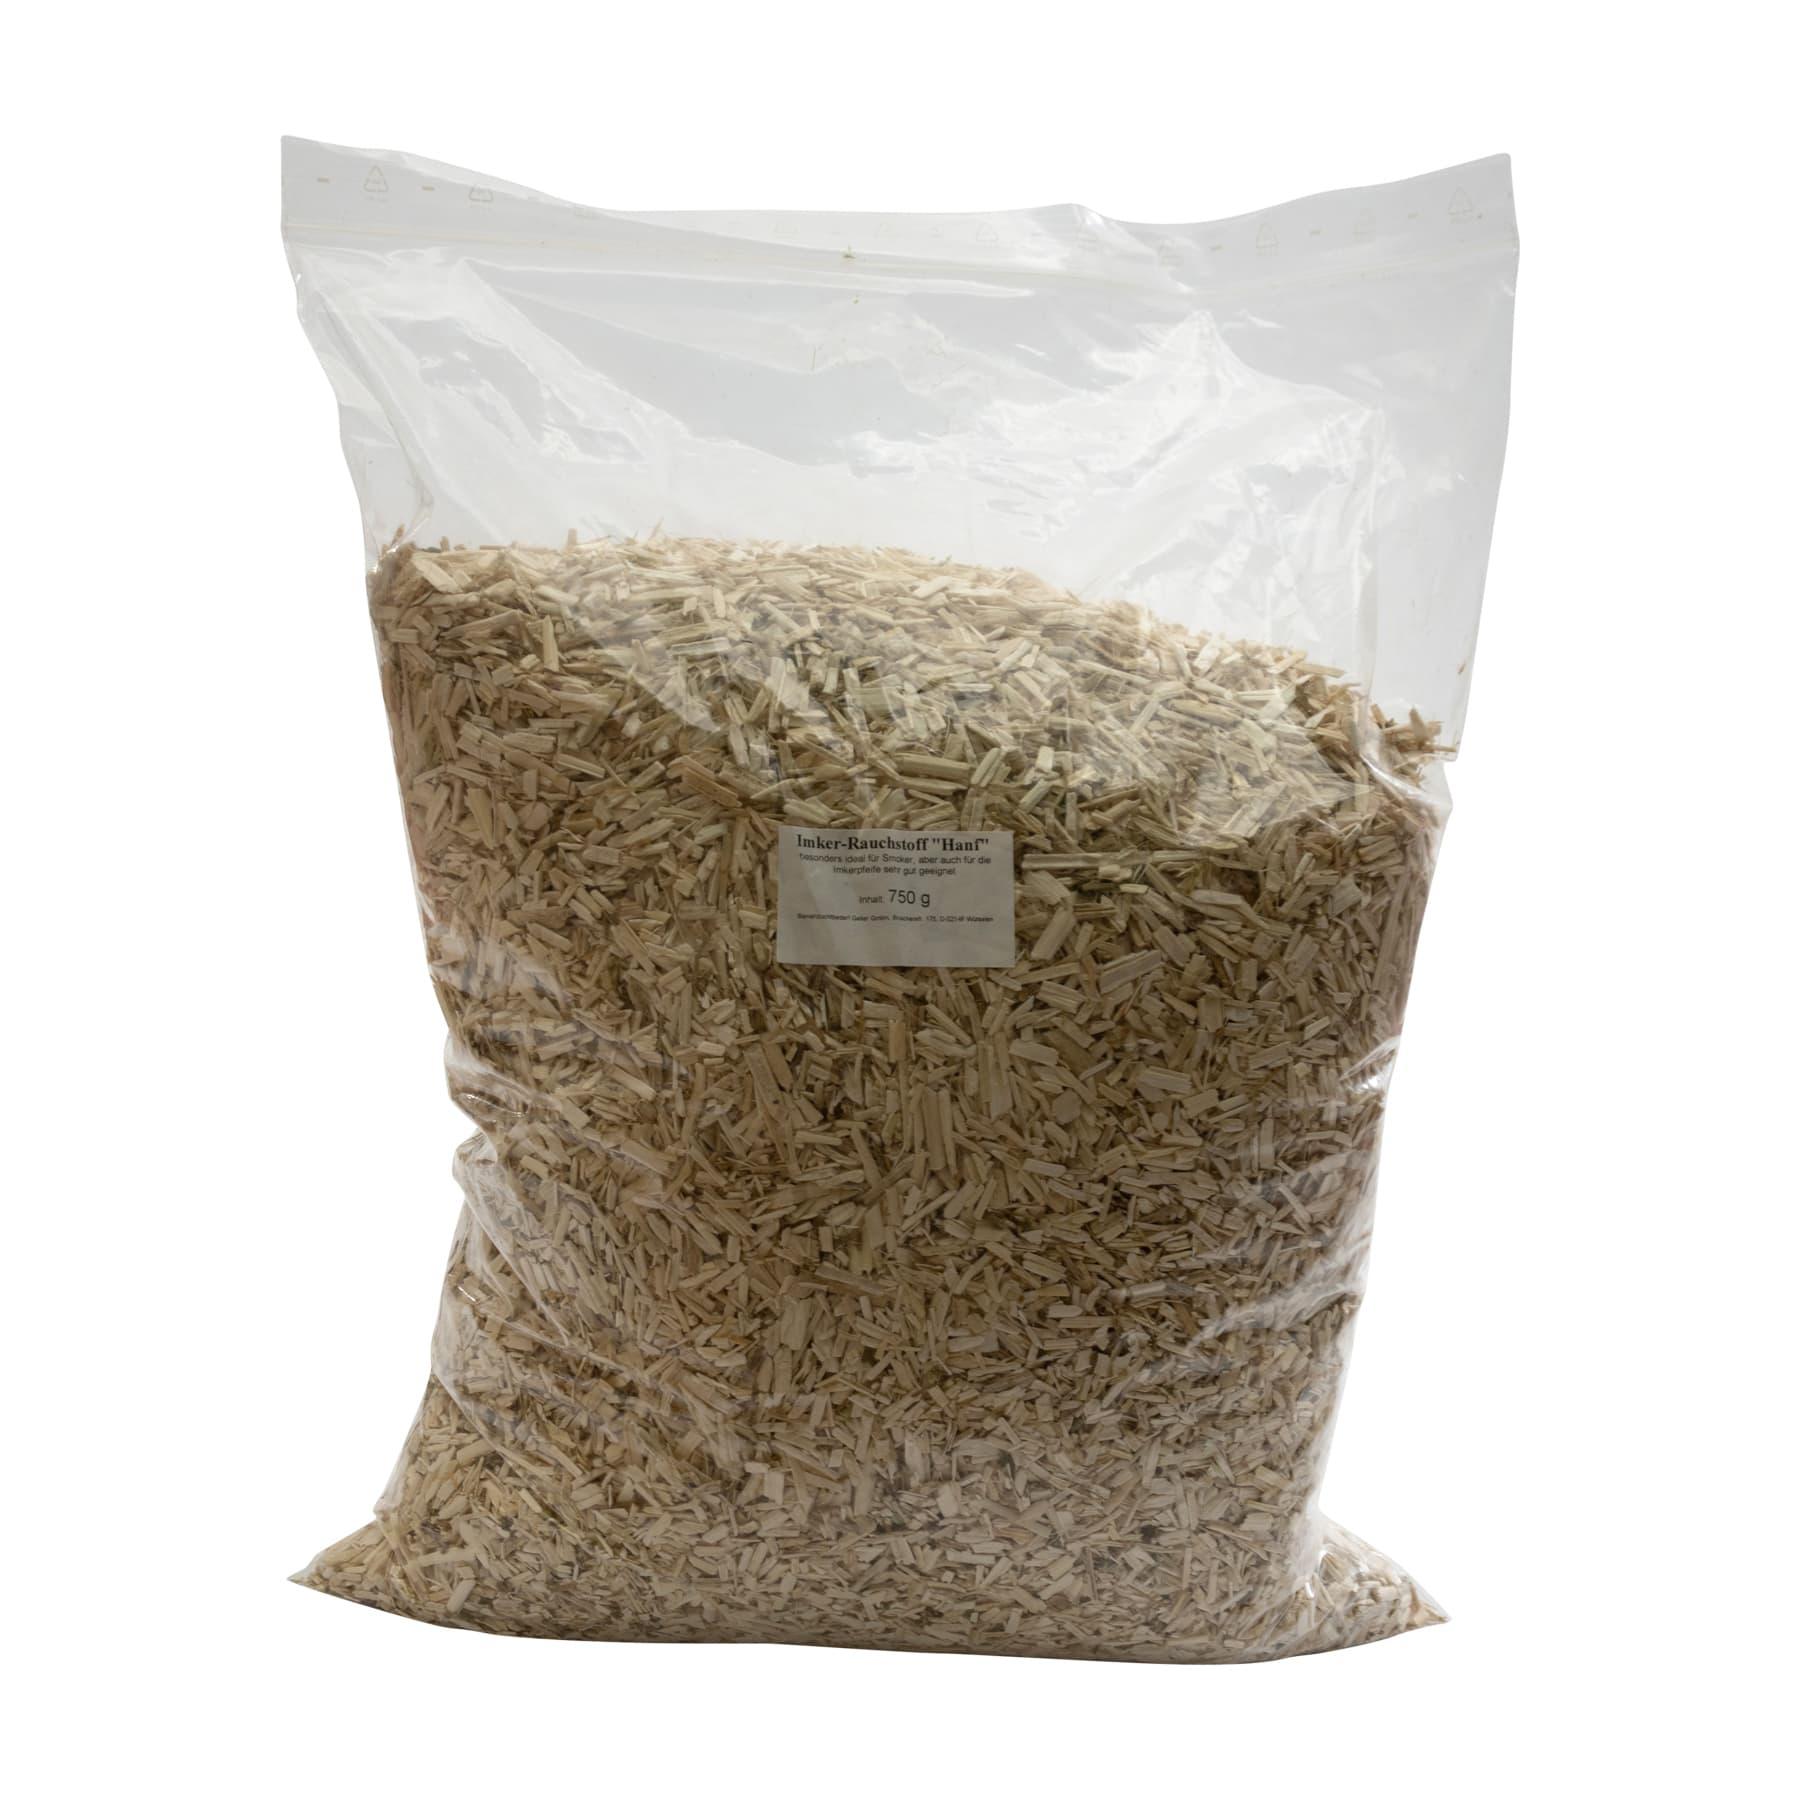 """Imker-Rauchstoff """"Hanf"""" 750 g, besonders ideal für Smoker, aber auch für die Imkerpfeife sehr gut geeignet"""